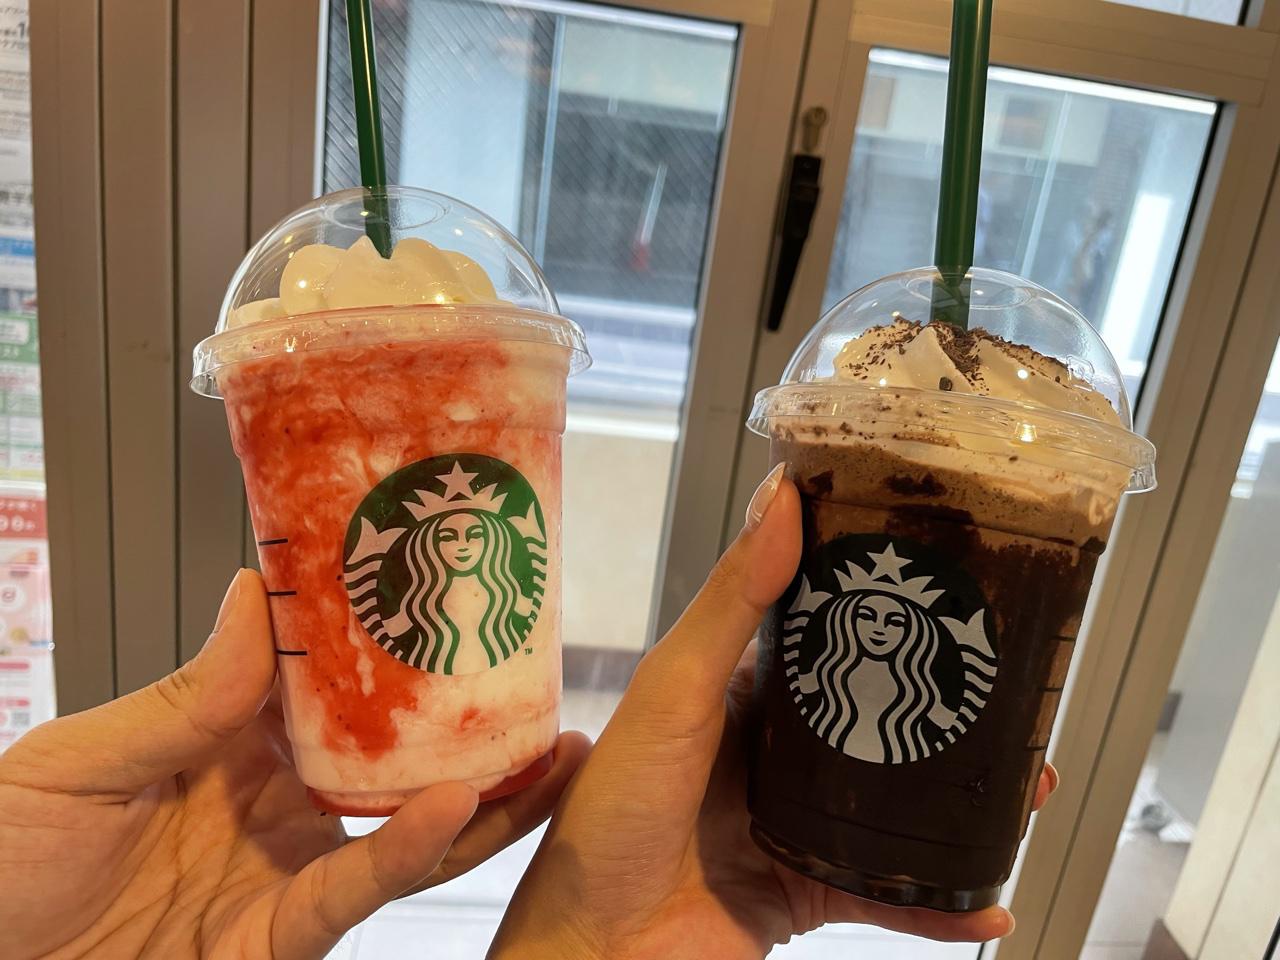 スターバックスコーヒーのフラペチーノが2つ